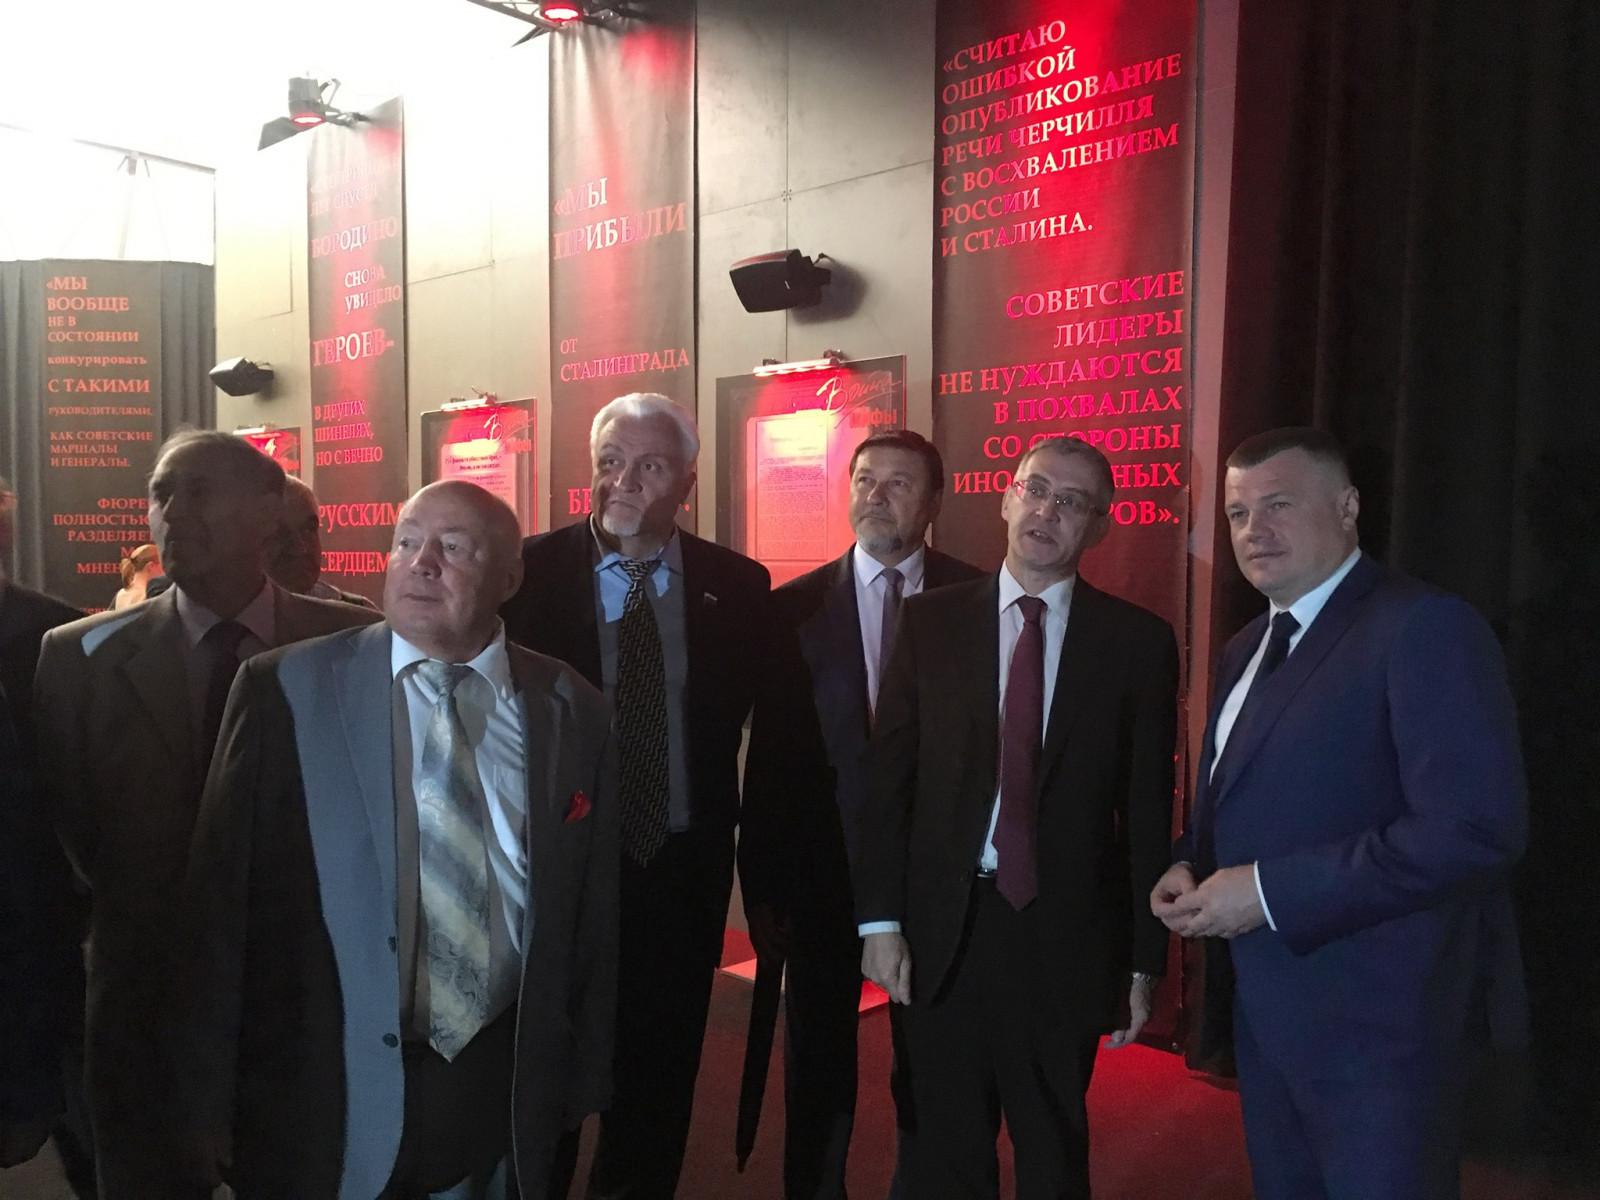 Александр Никитин: «Мы должны гордиться своей историей и сохранять правду о героическом прошлом наших предков»